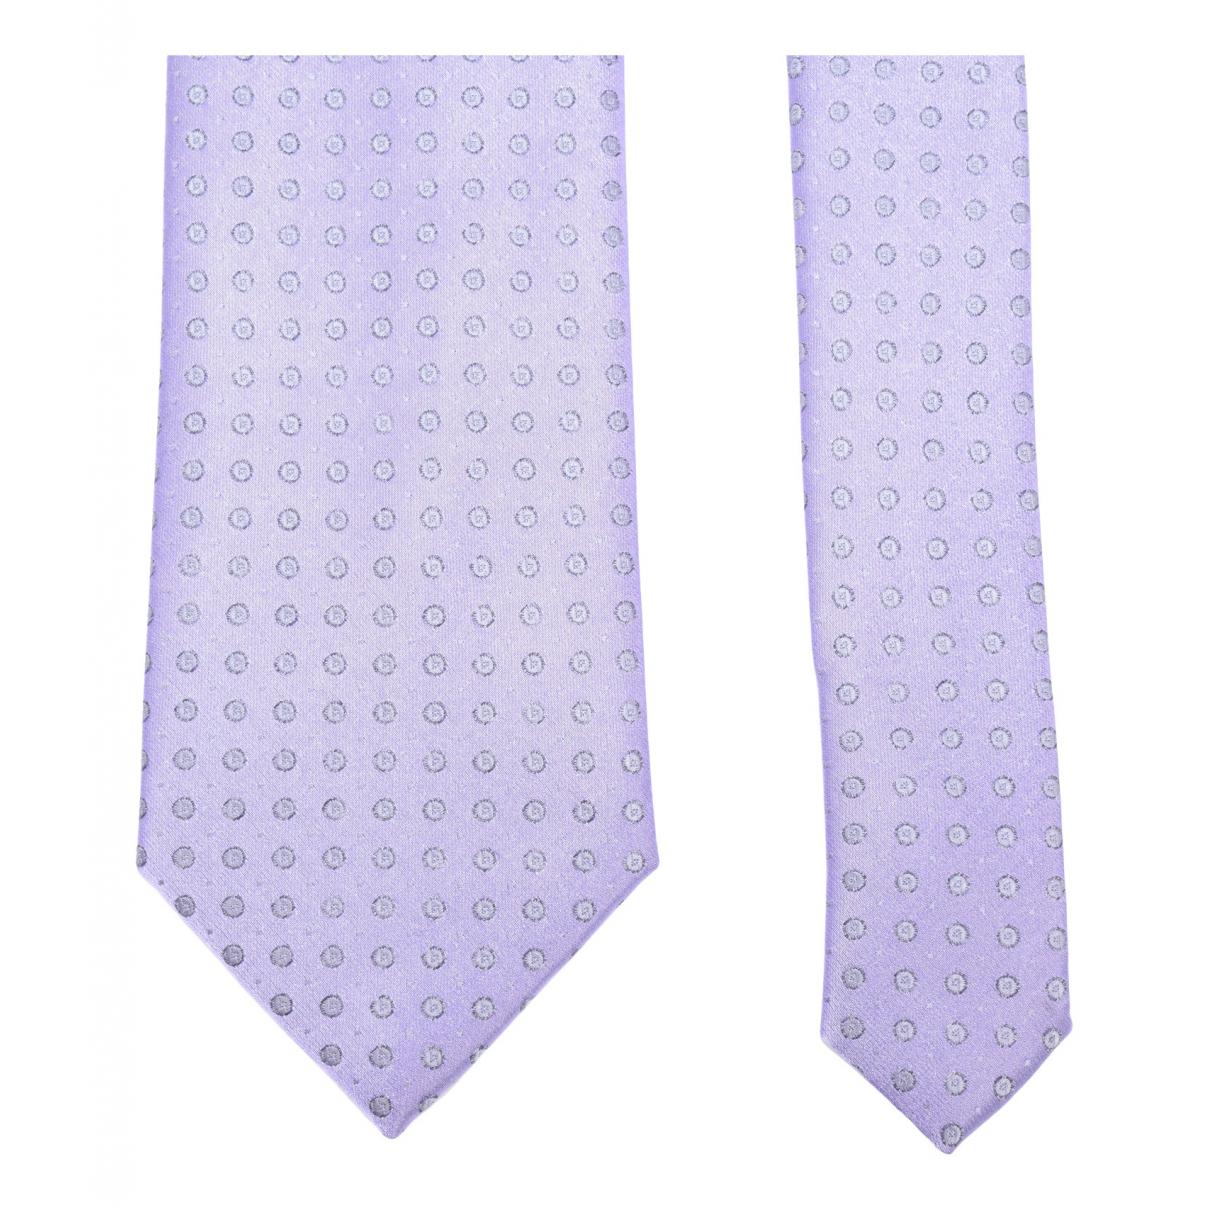 Lanvin - Cravates   pour homme en soie - violet